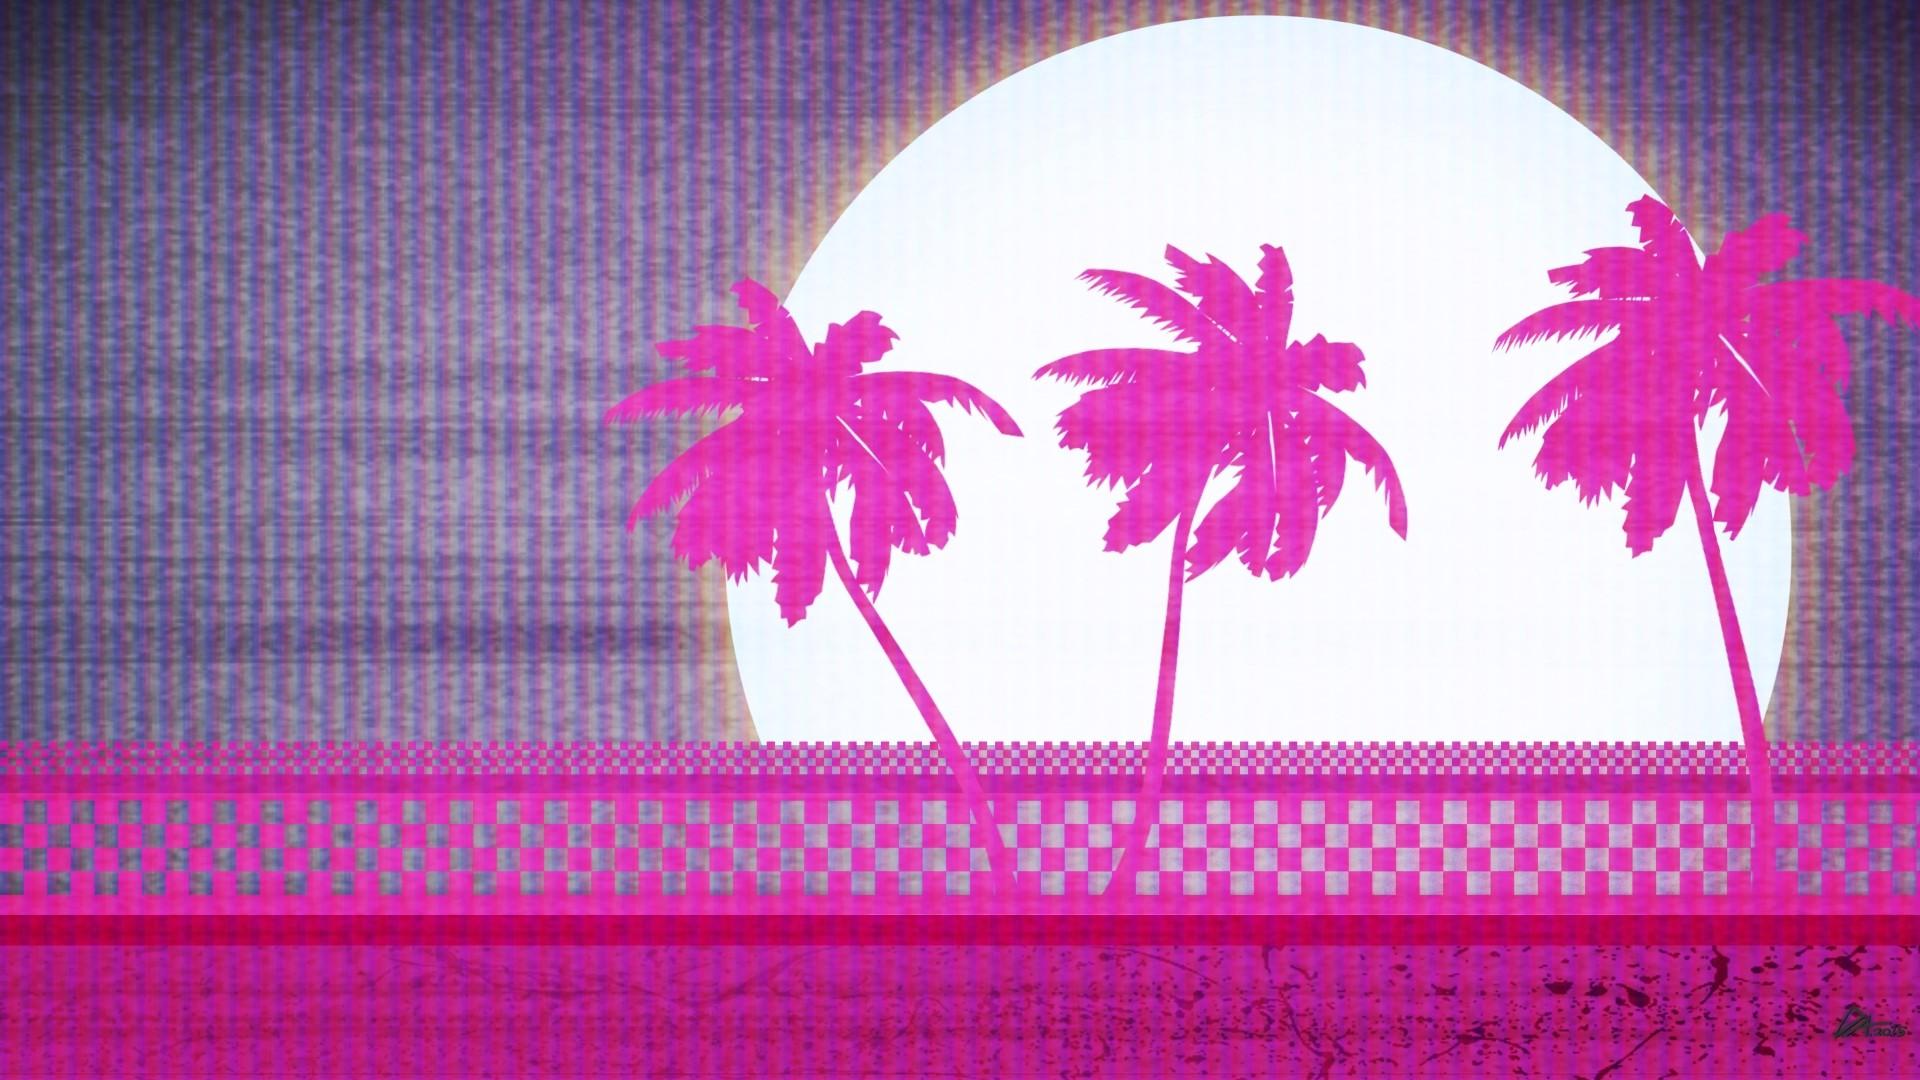 Hotline Miami Wallpaper